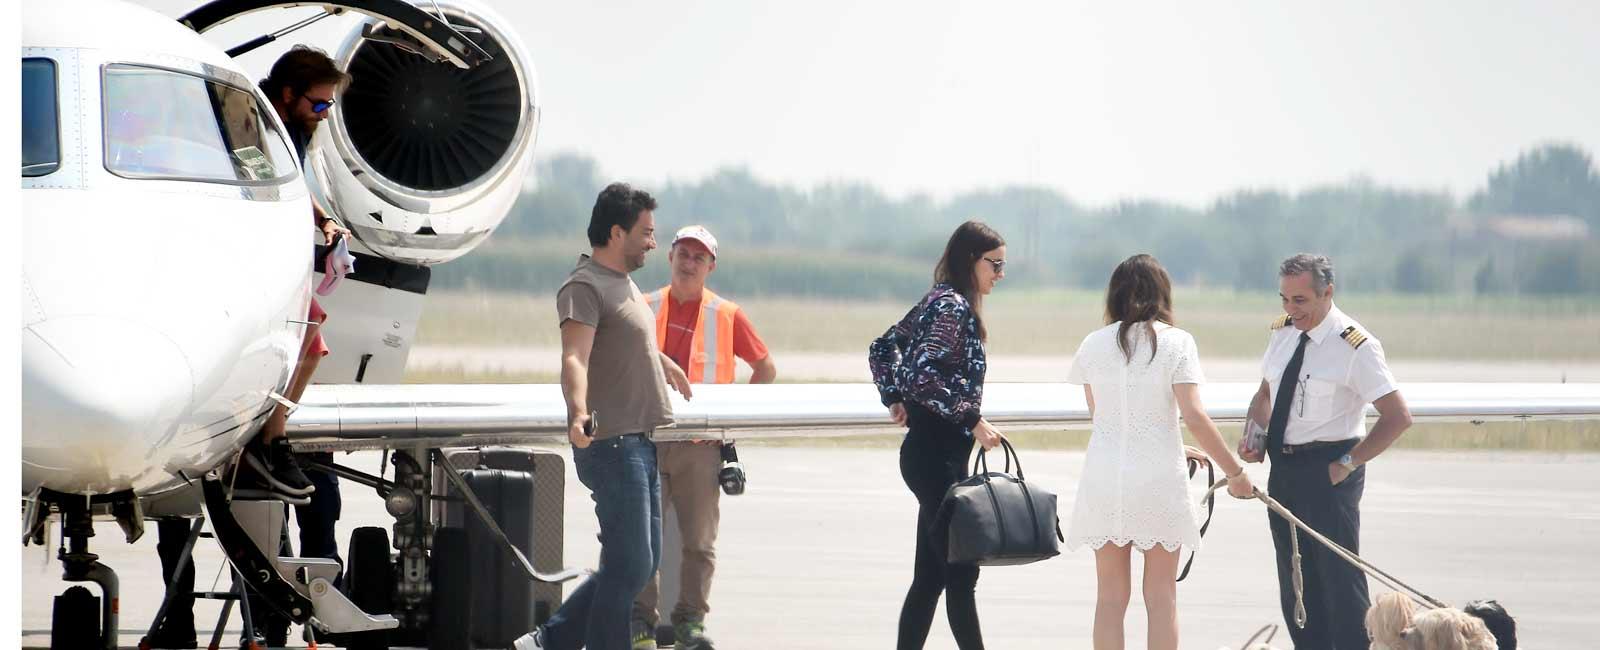 Irina Shayk y Bradley Cooper comienzan sus vacaciones